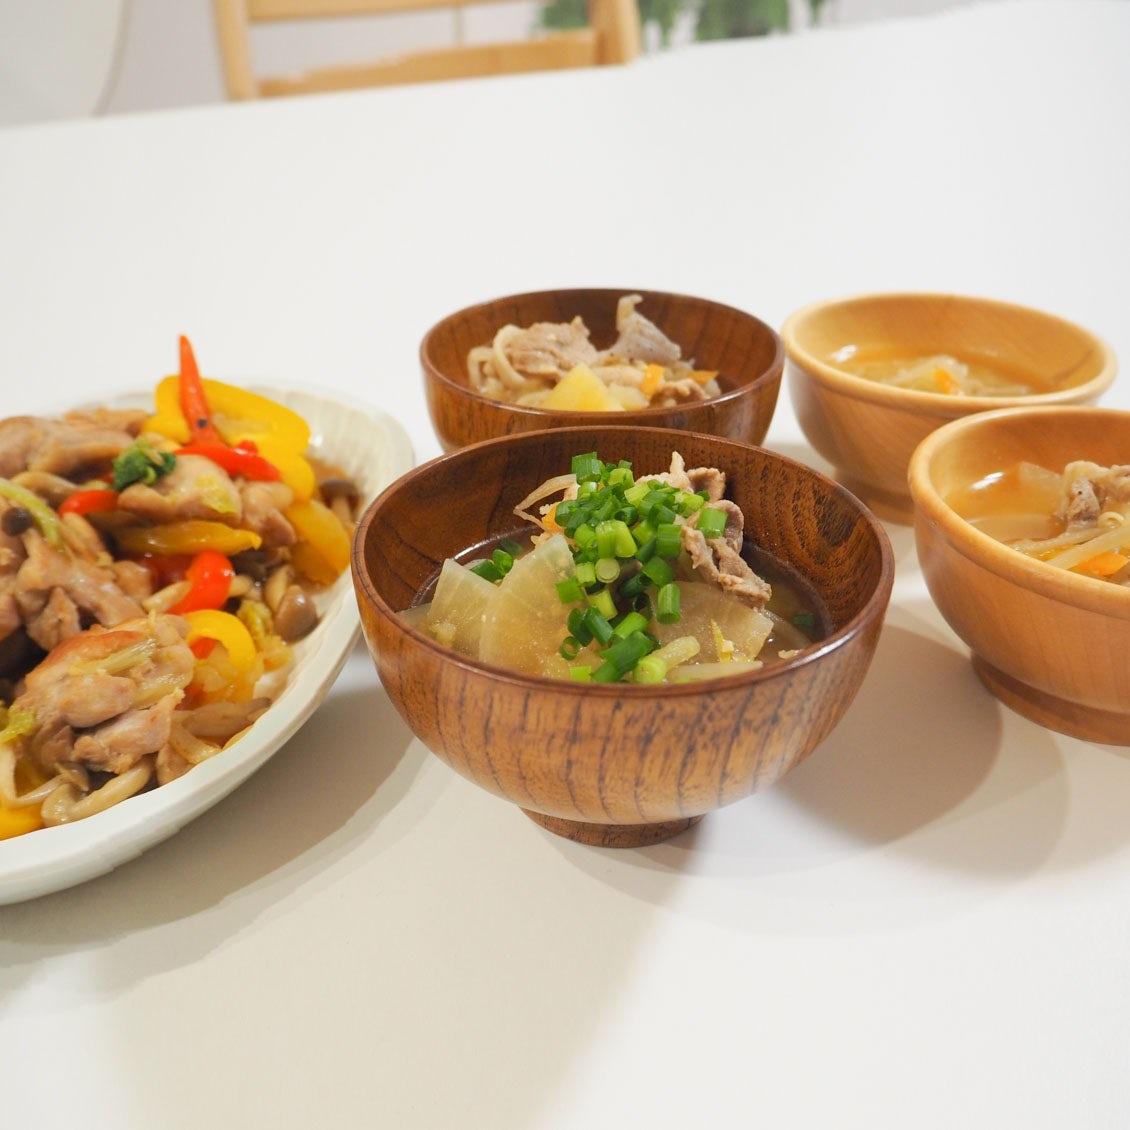 【バイヤーのコラム】お味噌汁のパワーを感じた、うれしい食卓。